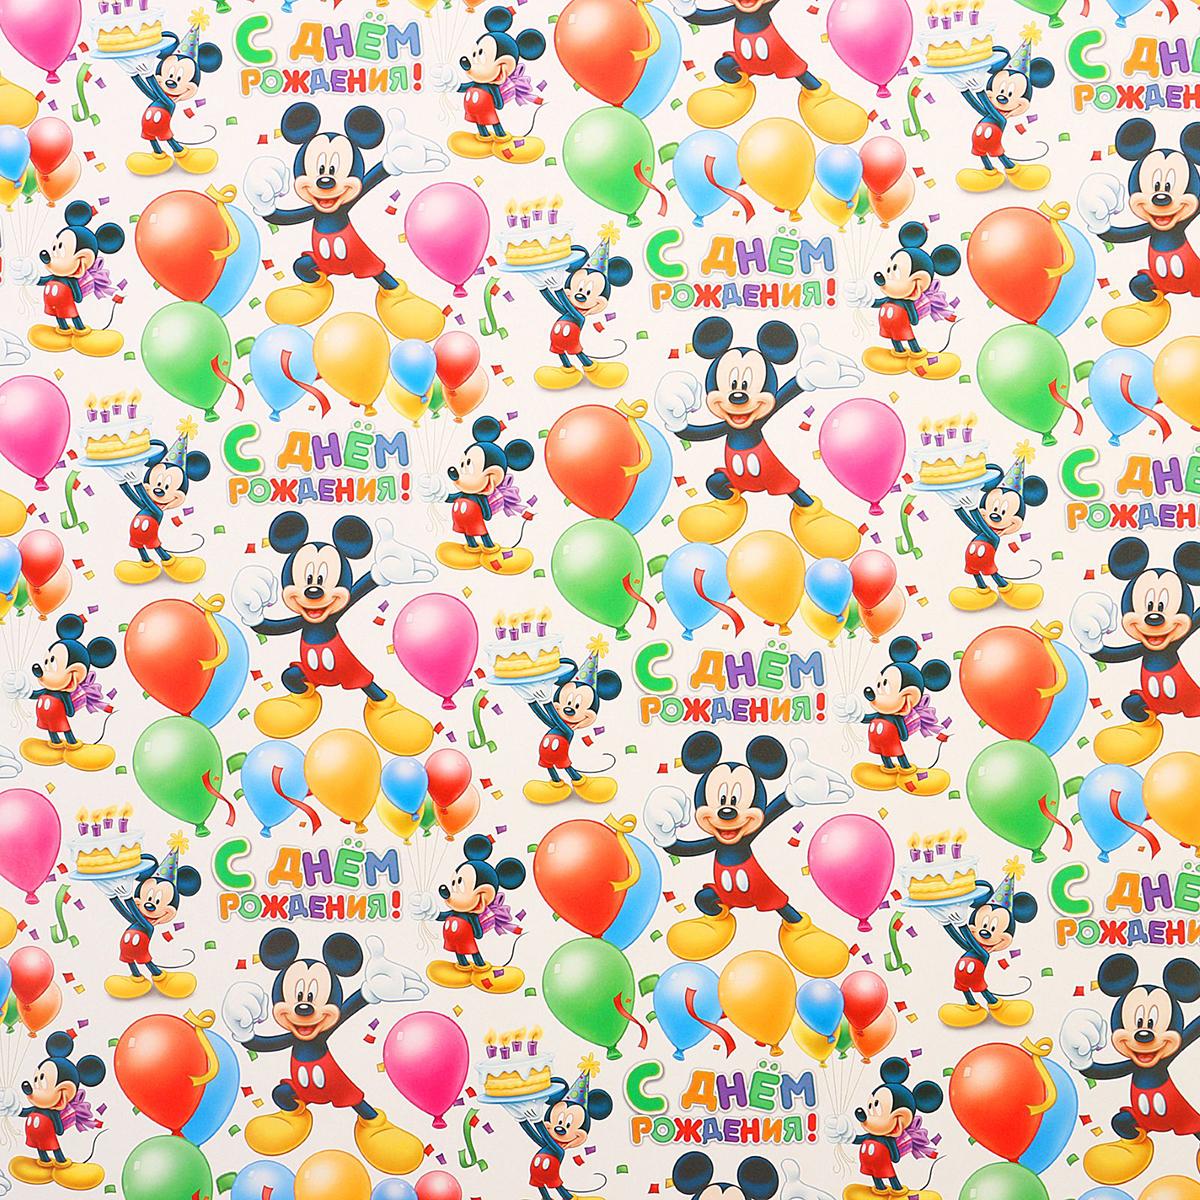 Бумага упаковочная Disney С Днем Рождения. Микки Маус, глянцевая, 70 х 100 см. 1302000 бумага упаковочная disney с днем рождения самая милая минни маус глянцевая 70 х 100 см 2390649